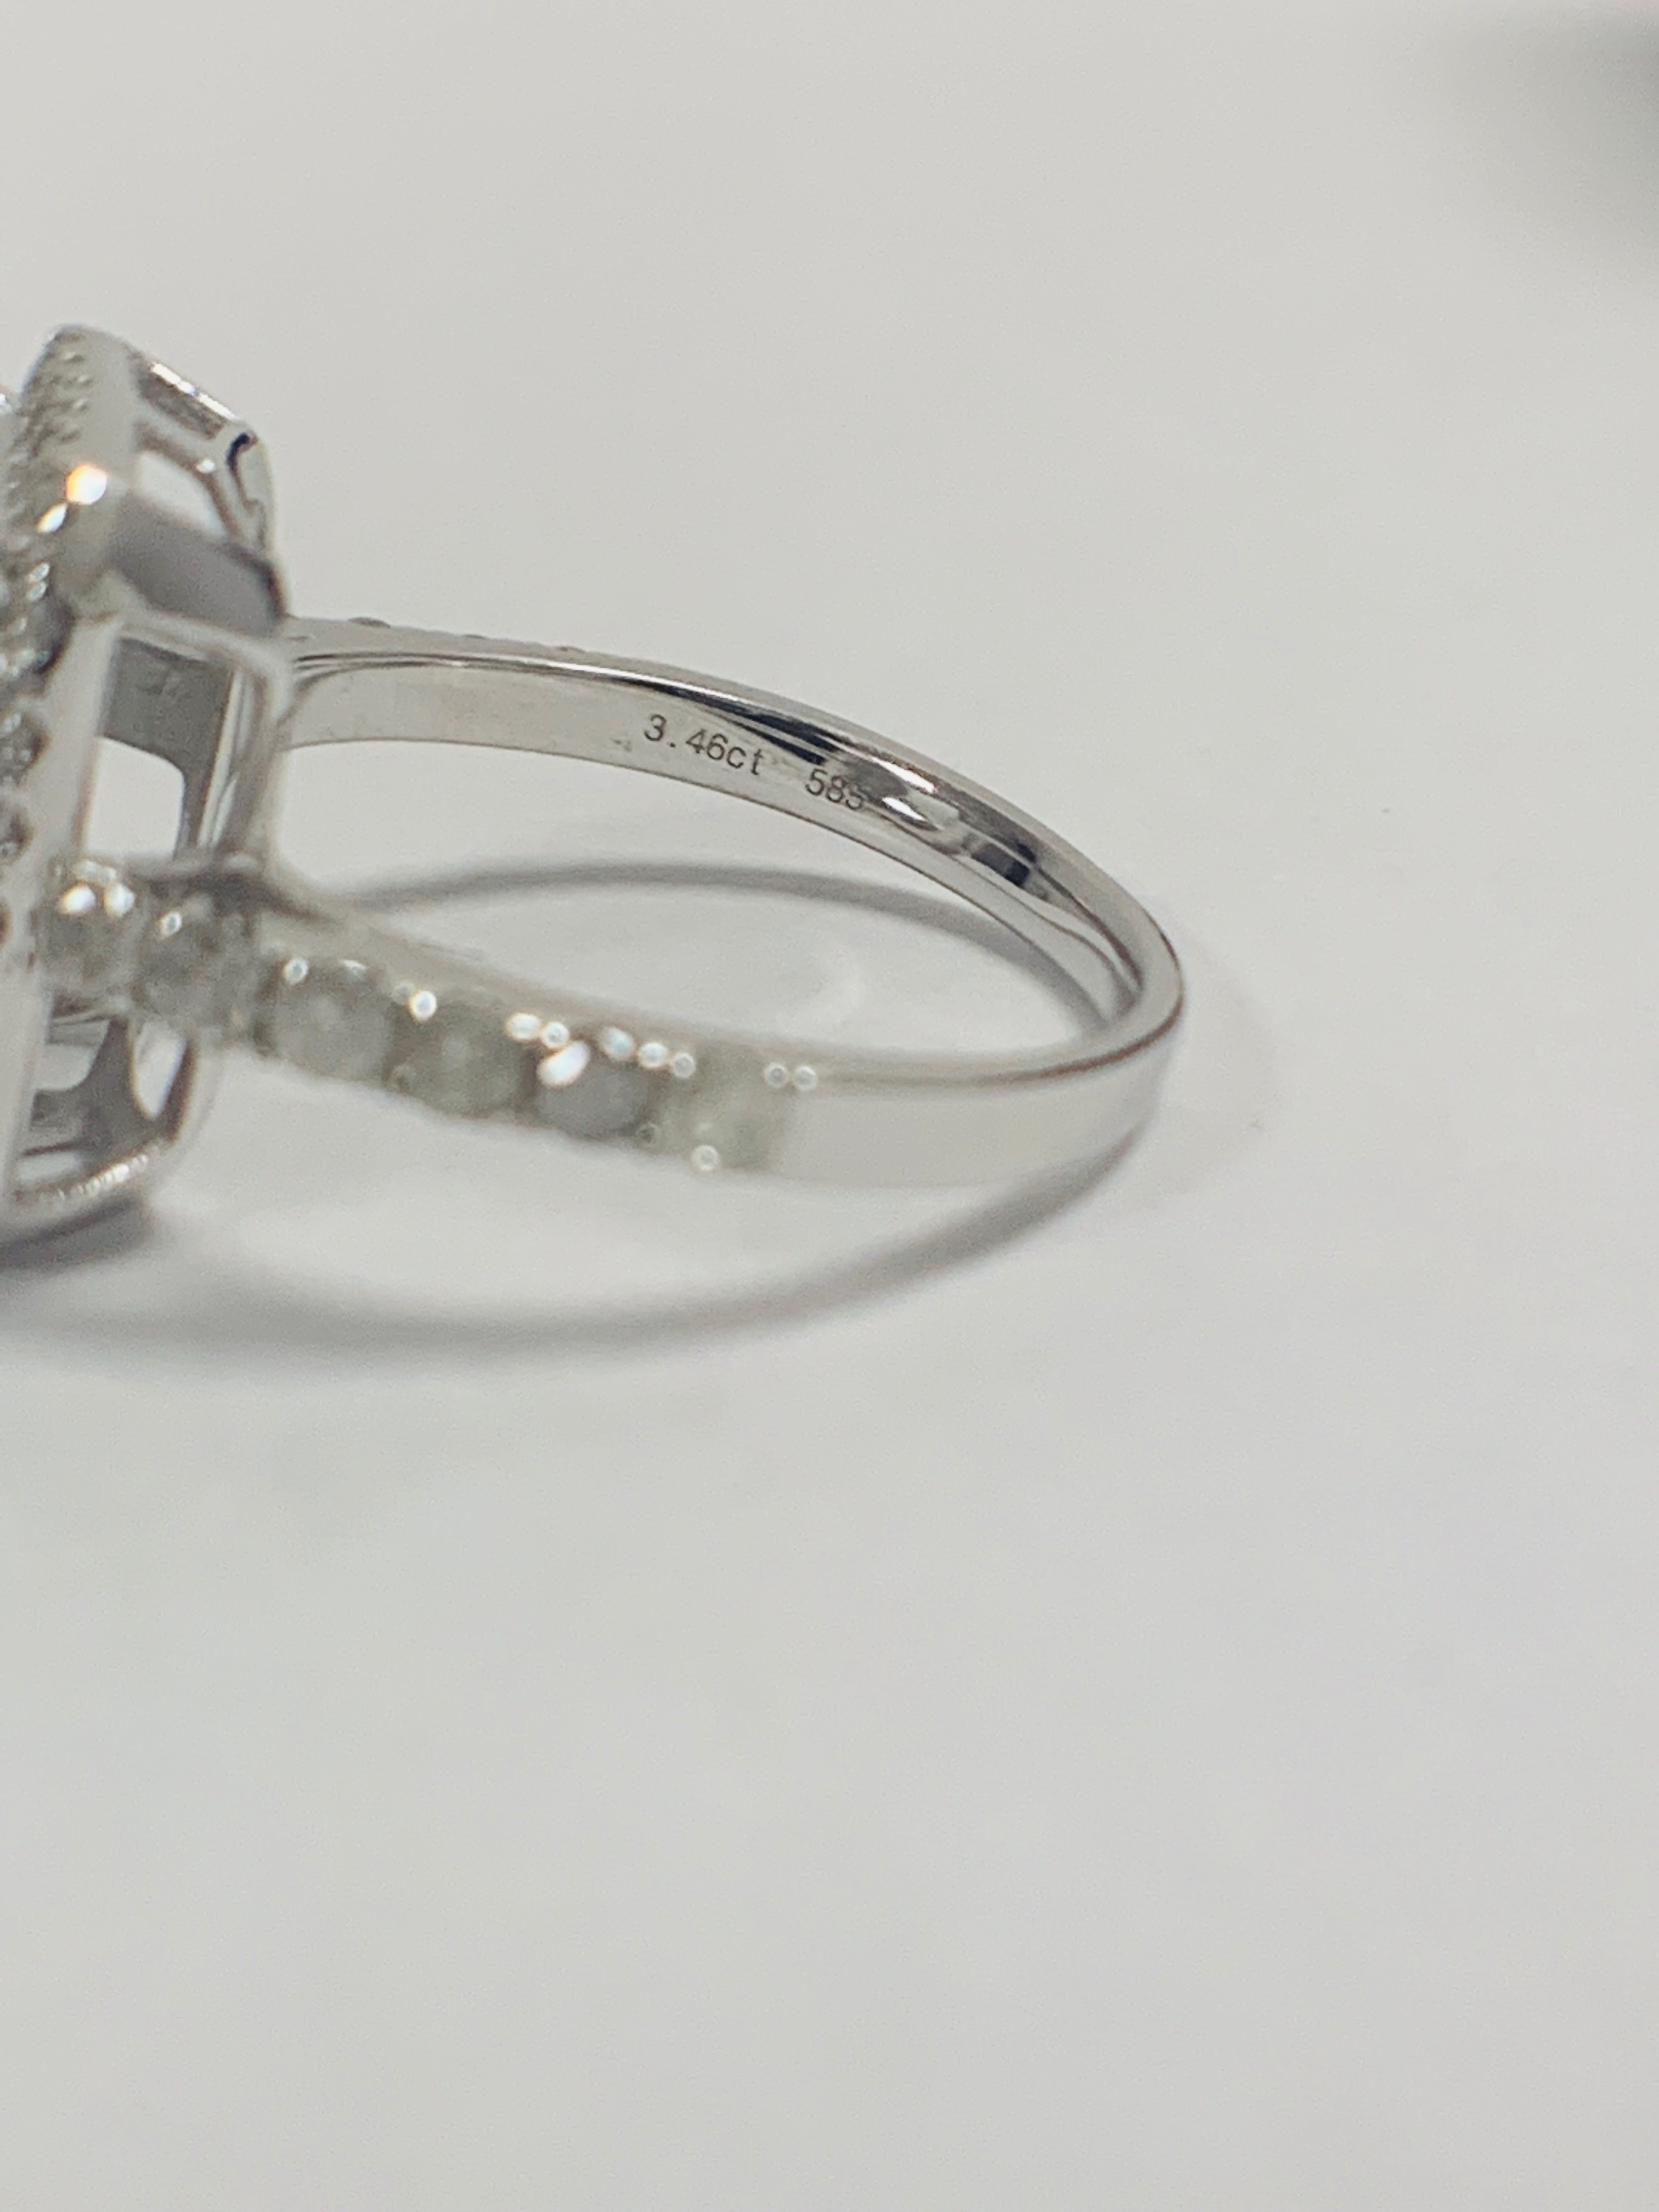 14ct White Gold Aquamarine and Diamond ring - Image 4 of 12